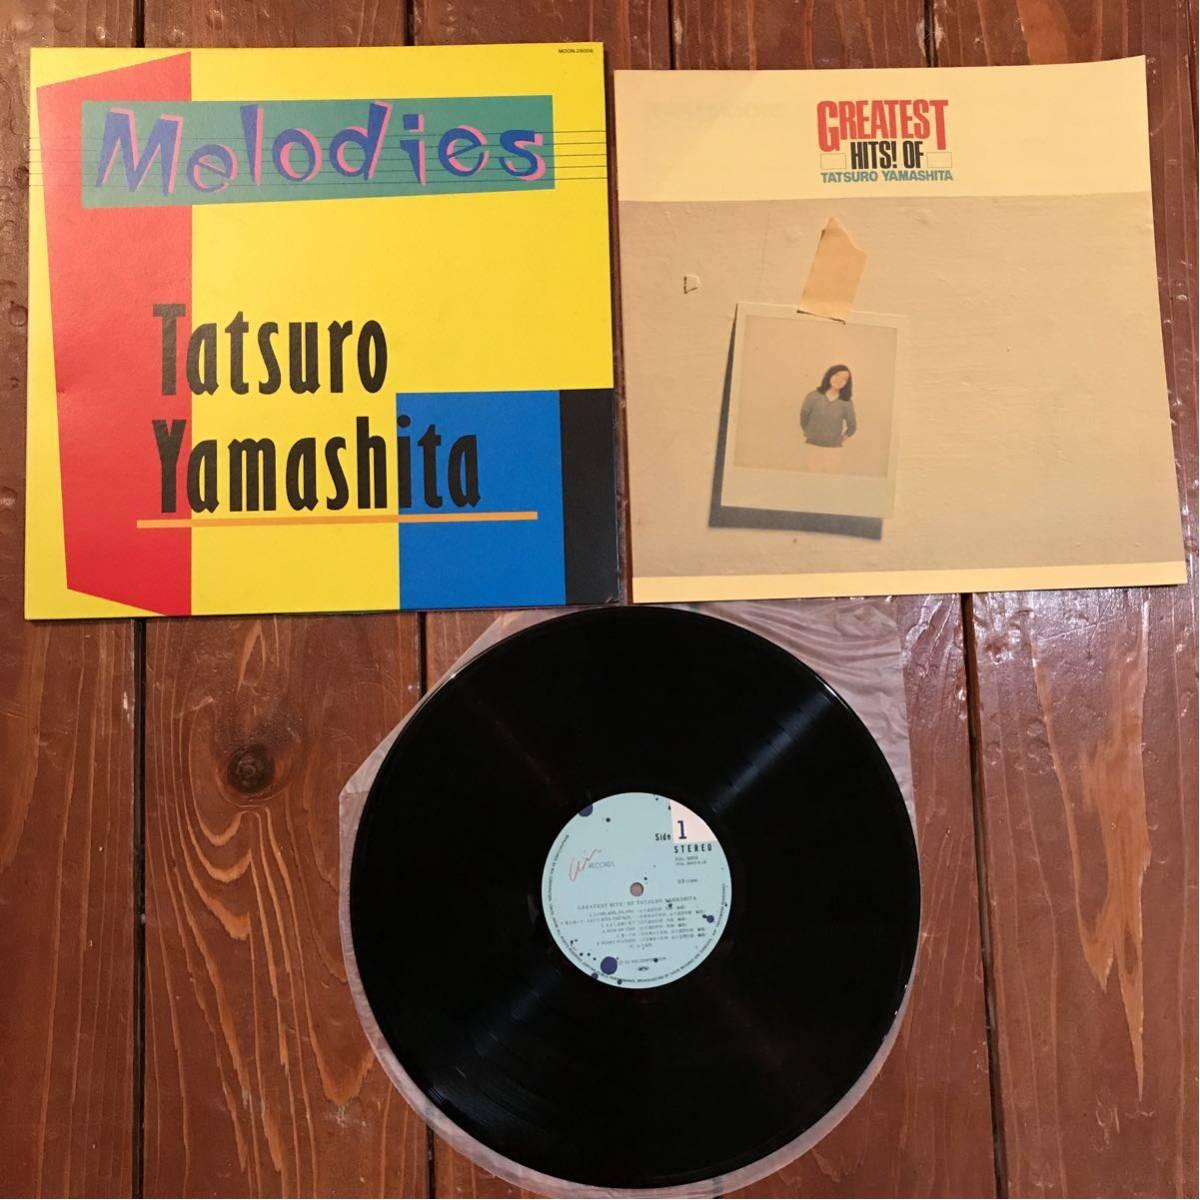 山下達郎 ニューヨーク ロス 最高の音がここにあった Melodies GREATEST HITS!OF 昭和レトロレコード 12インチ 3枚セット 歌詞付き_画像3